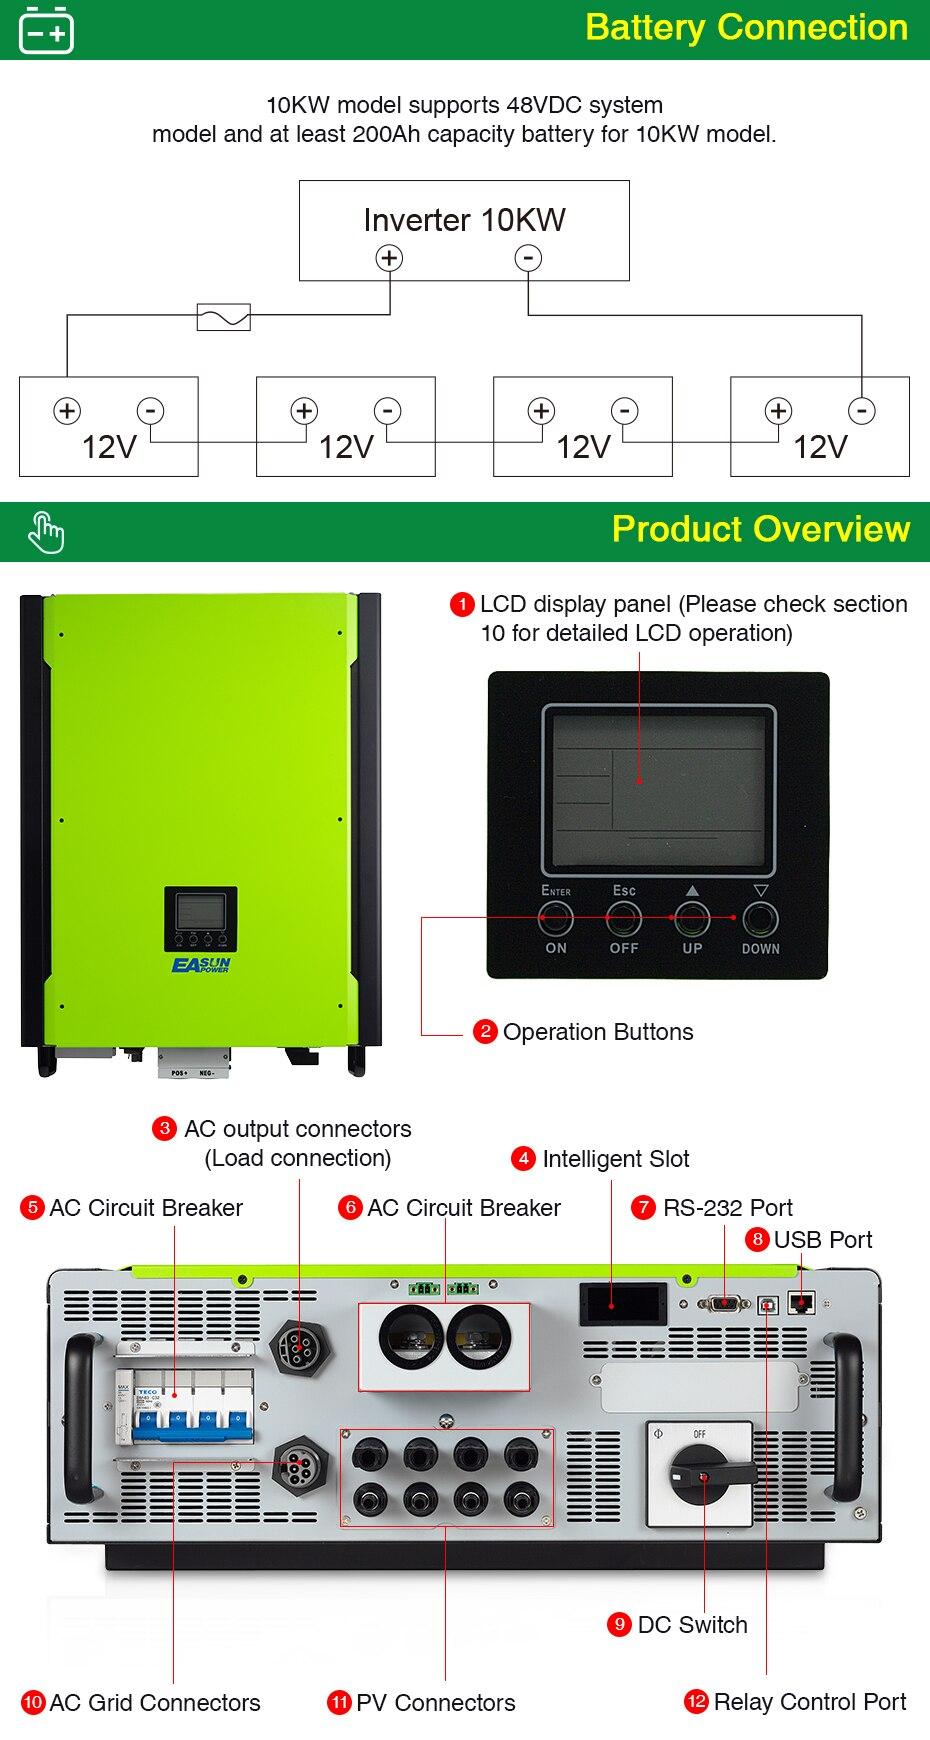 EASUN POWER 10KW Solar Inverter 48V 380V Grid Tie Inverter 3 Phase On Grid Off Grid Inverter With Max Solar Power 14850W MPPT_04